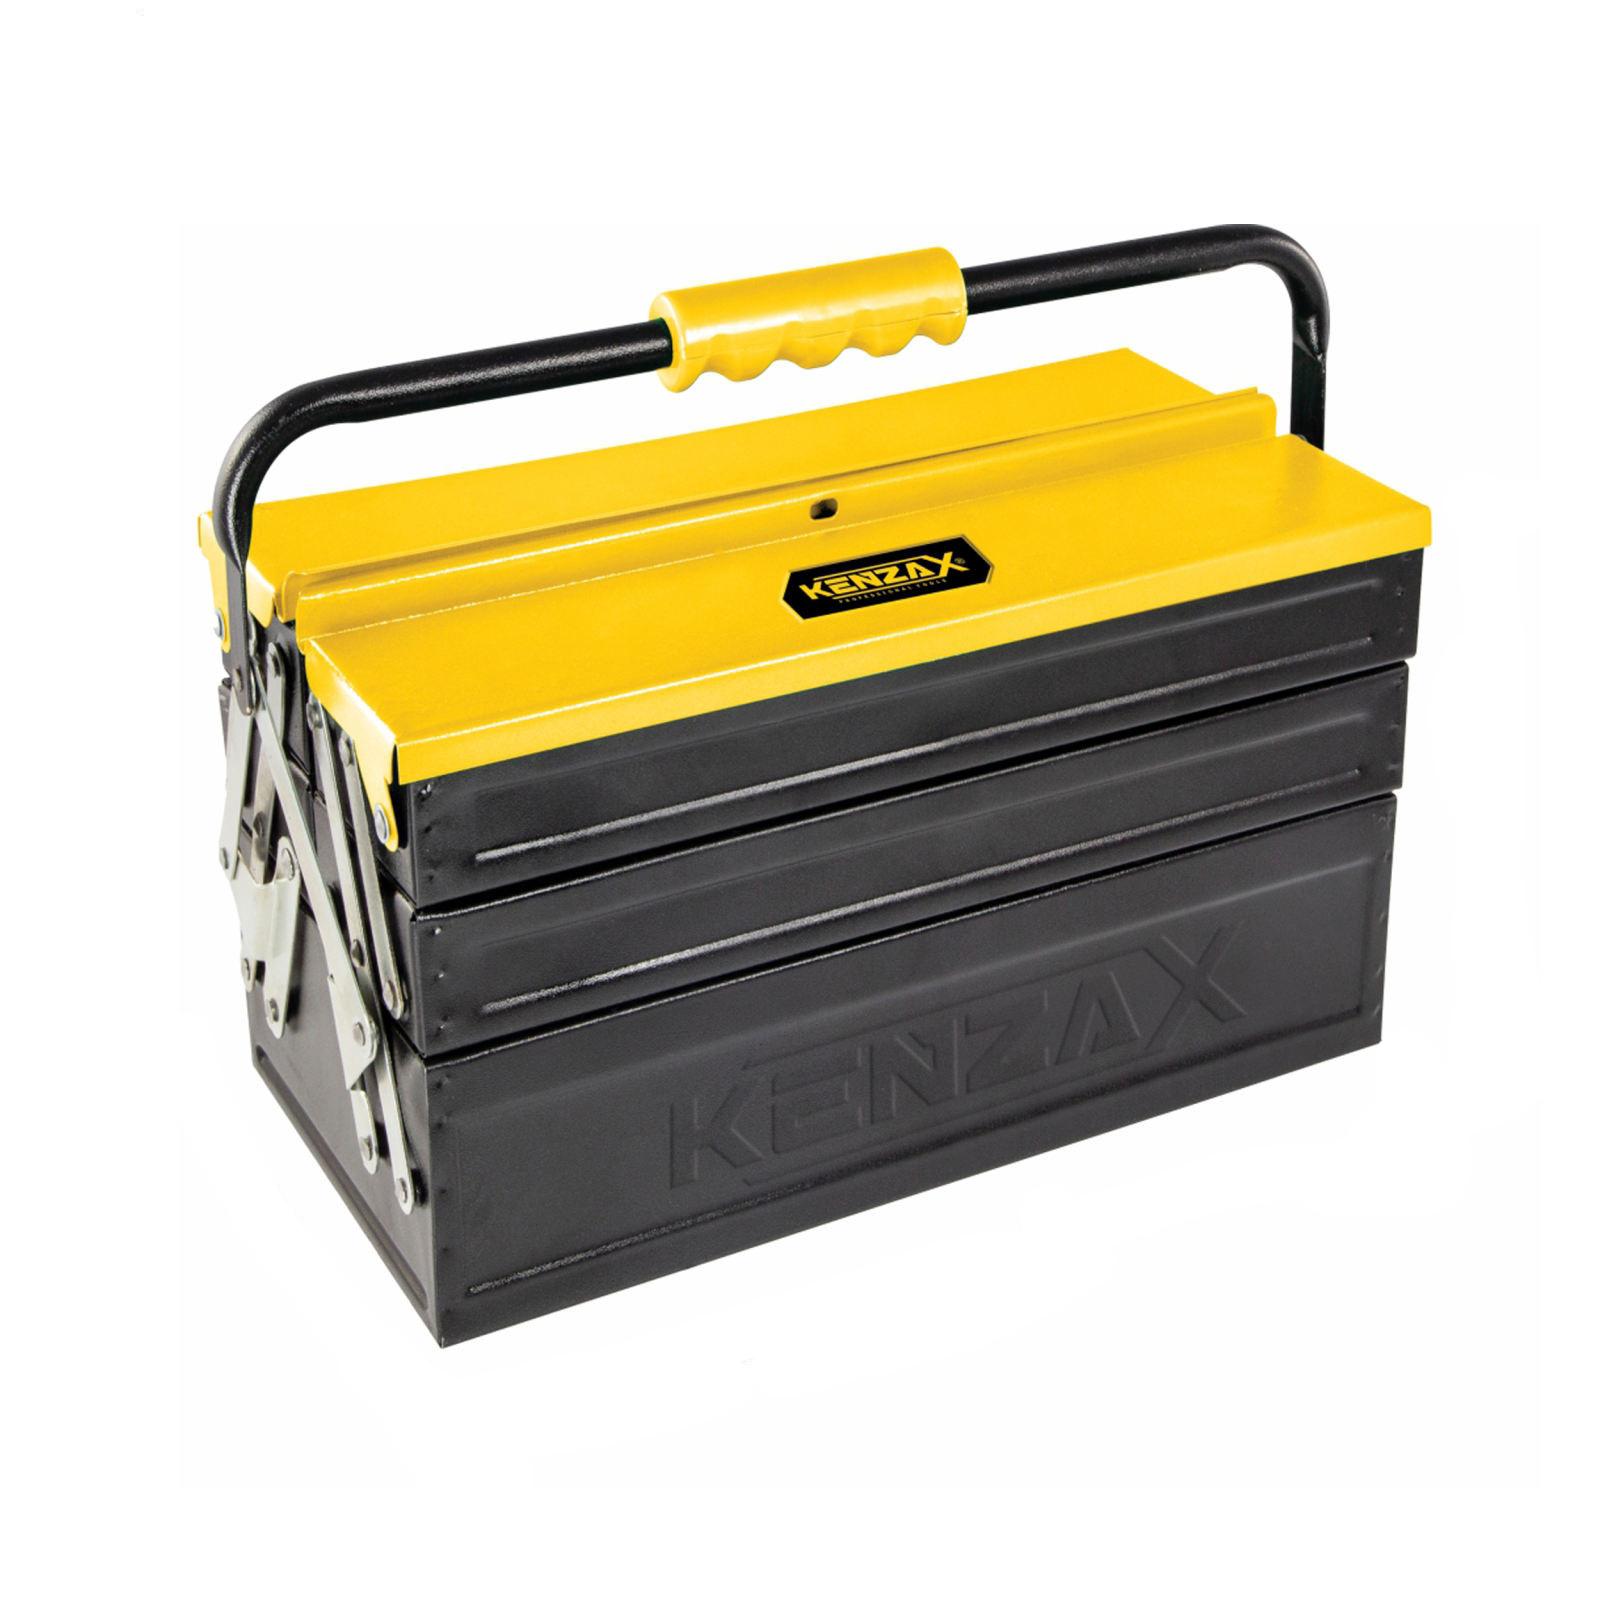 جعبه ابزار فلزی 3 طبقه 40 سانت کنزاکس مدل KBT-1403